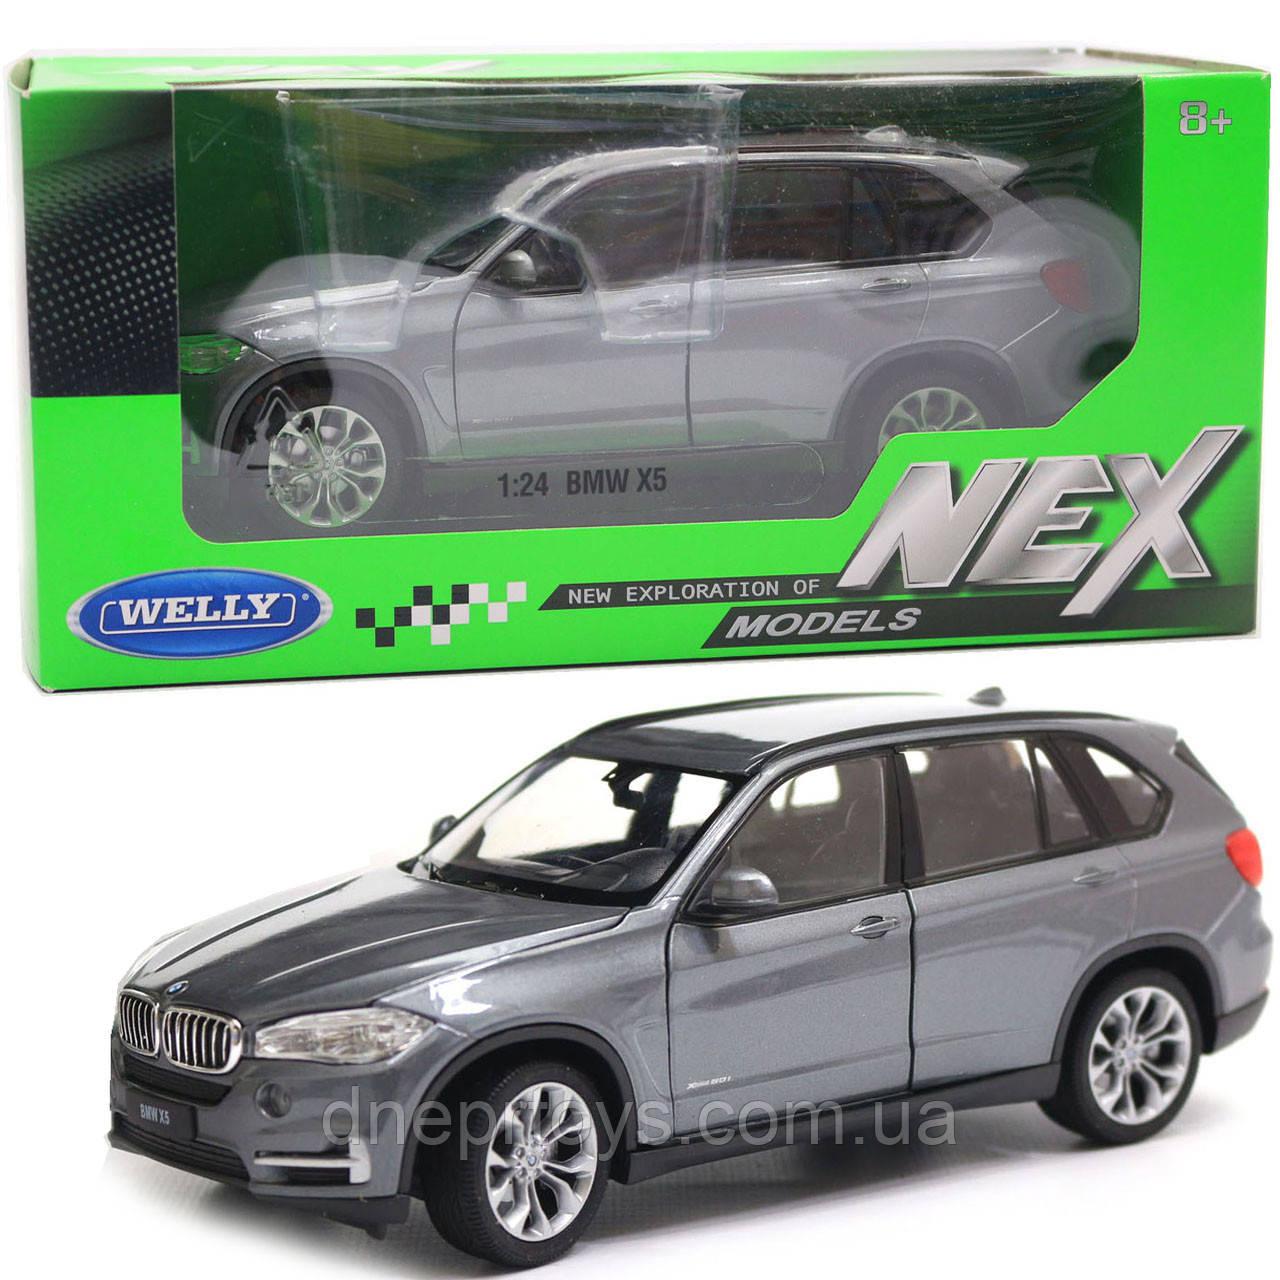 Іграшкова машинка Welly Nex «Країна Іграшок» БМВ x5, сірий, 18 см (24052W)